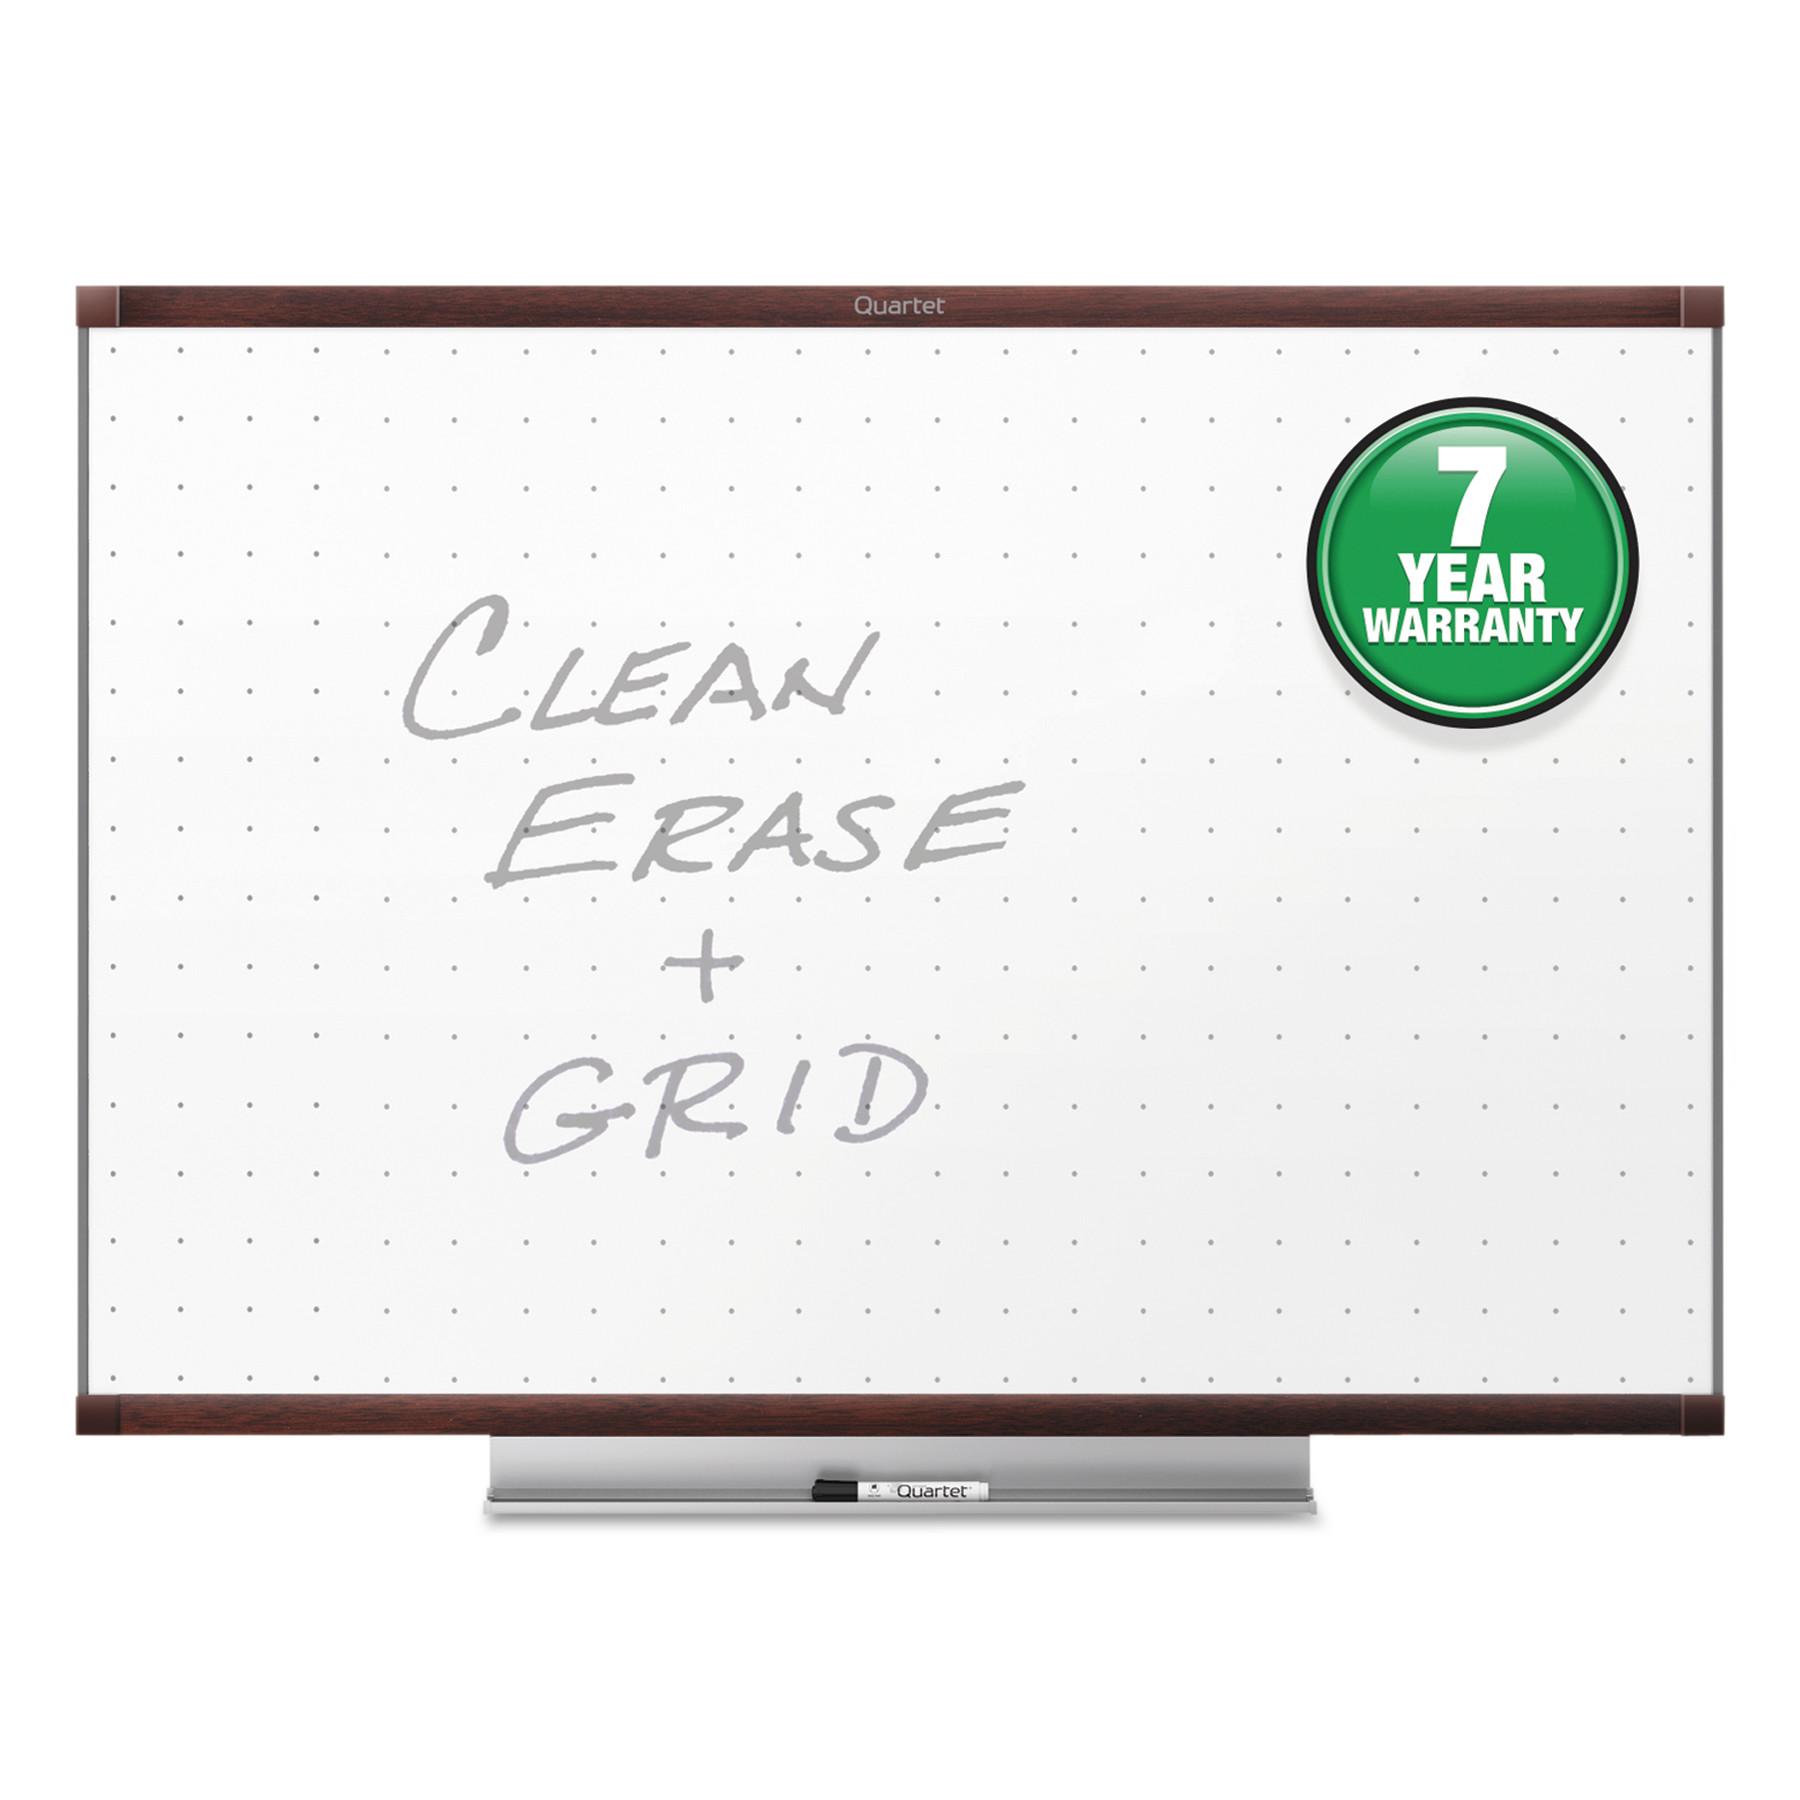 Quartet Prestige 2 Total Erase Whiteboard, 48 x 36, Mahogany Color Frame -QRTTE544MP2